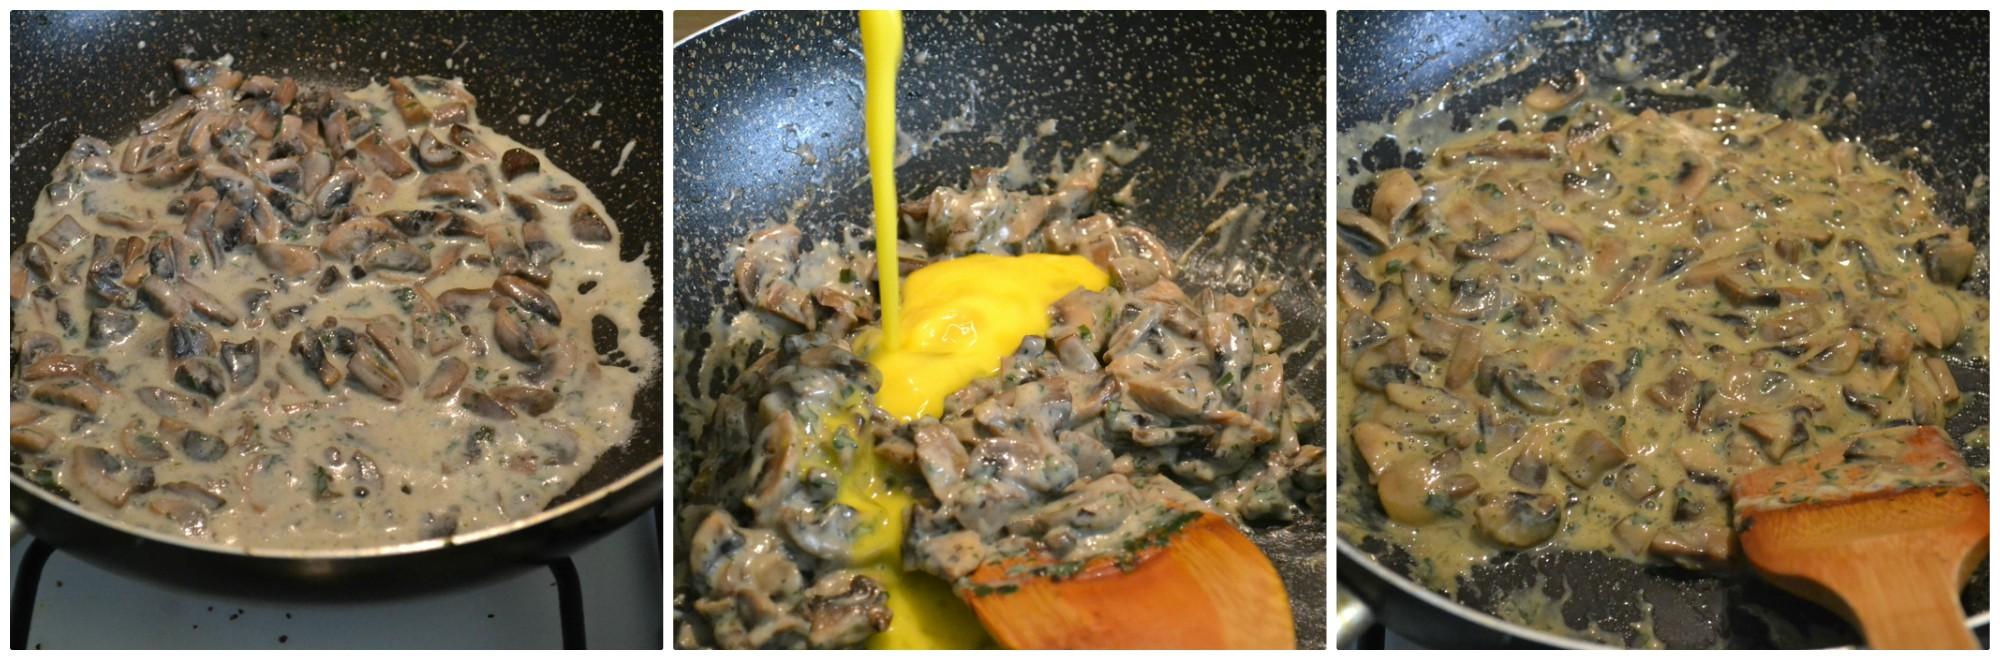 patate ripiene di funghi